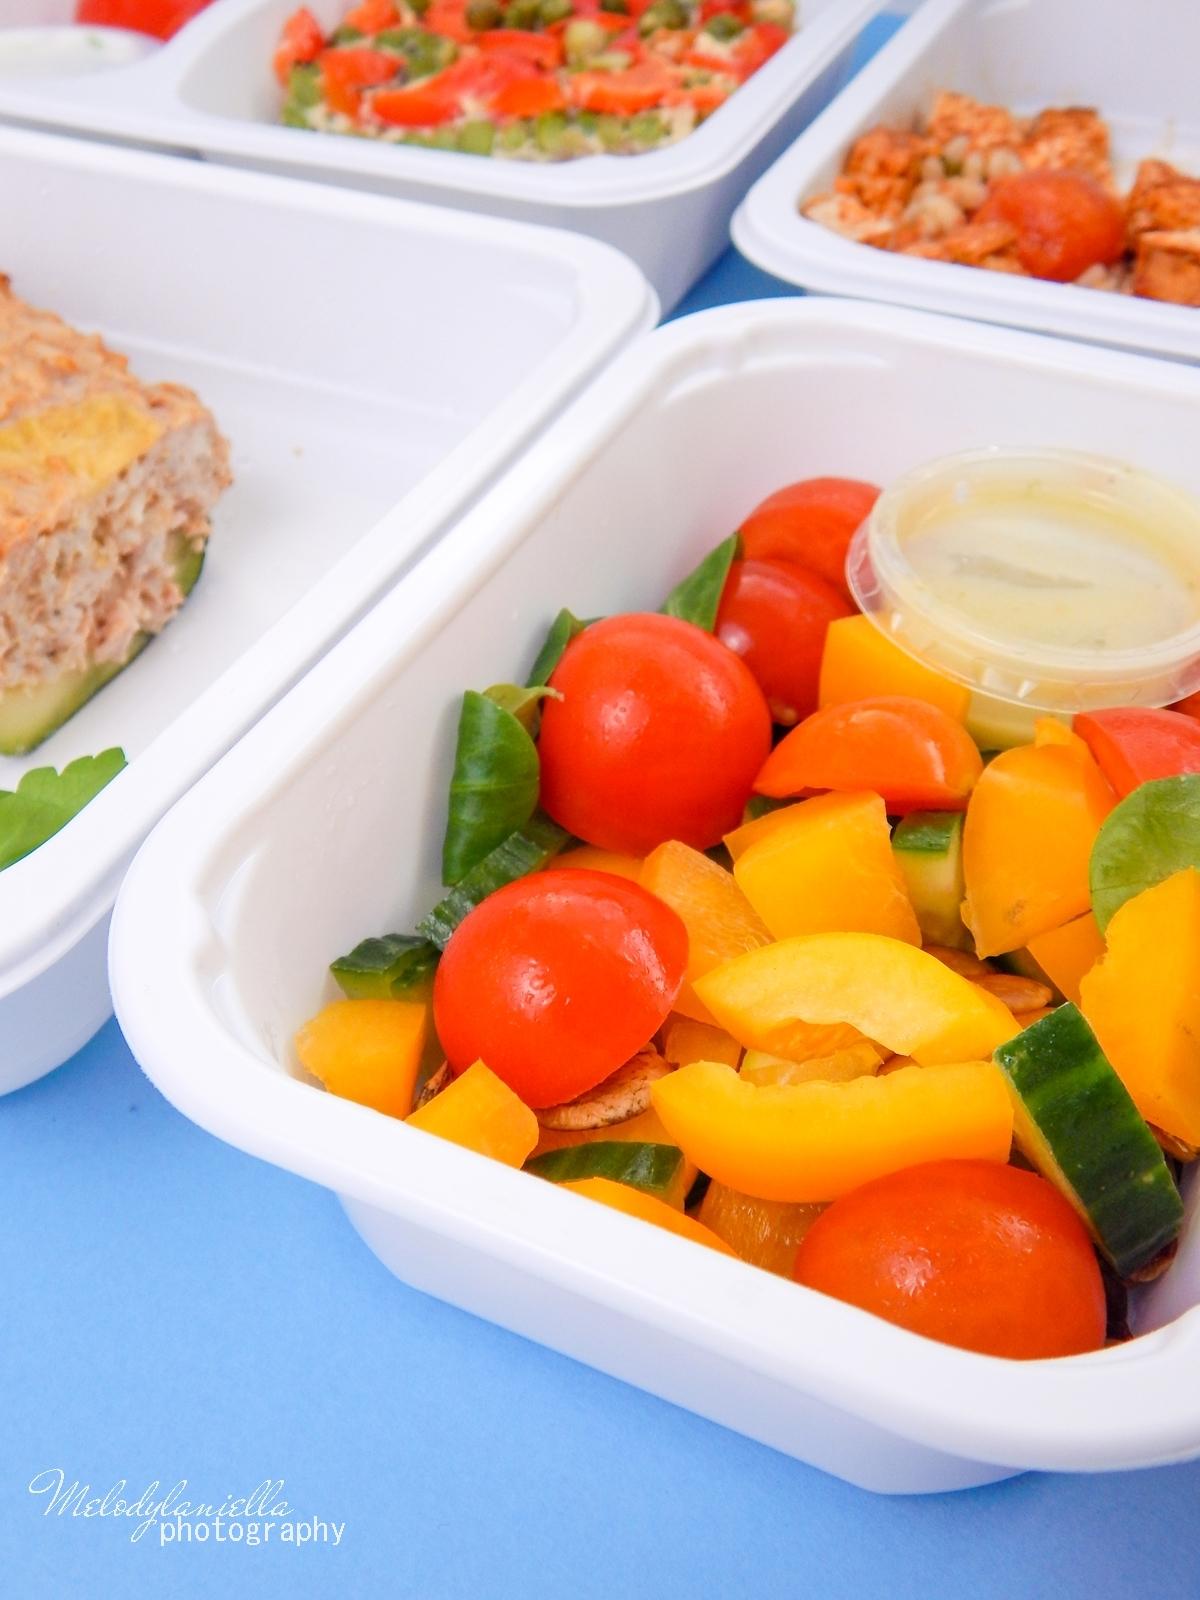 021 cateromarket dieta pudełkowa catering dietetyczny dieta jak przejść na dietę catering z dowozem do domu dieta kalorie melodylaniella dieta na cały dzień jedzenie na cały dzień catering do domu